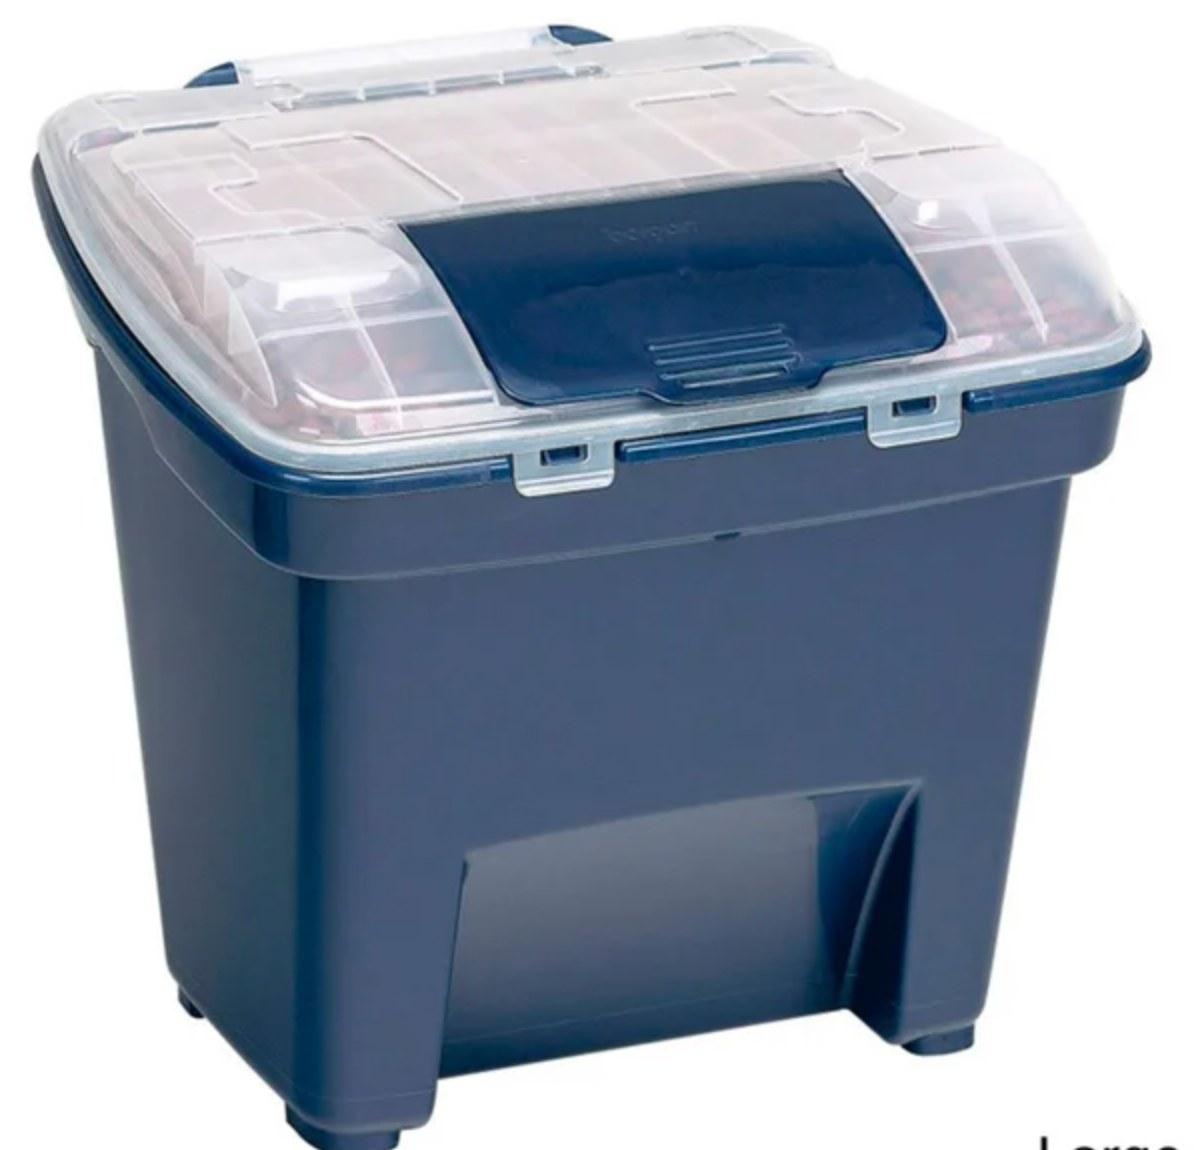 The smart storage bin in blue